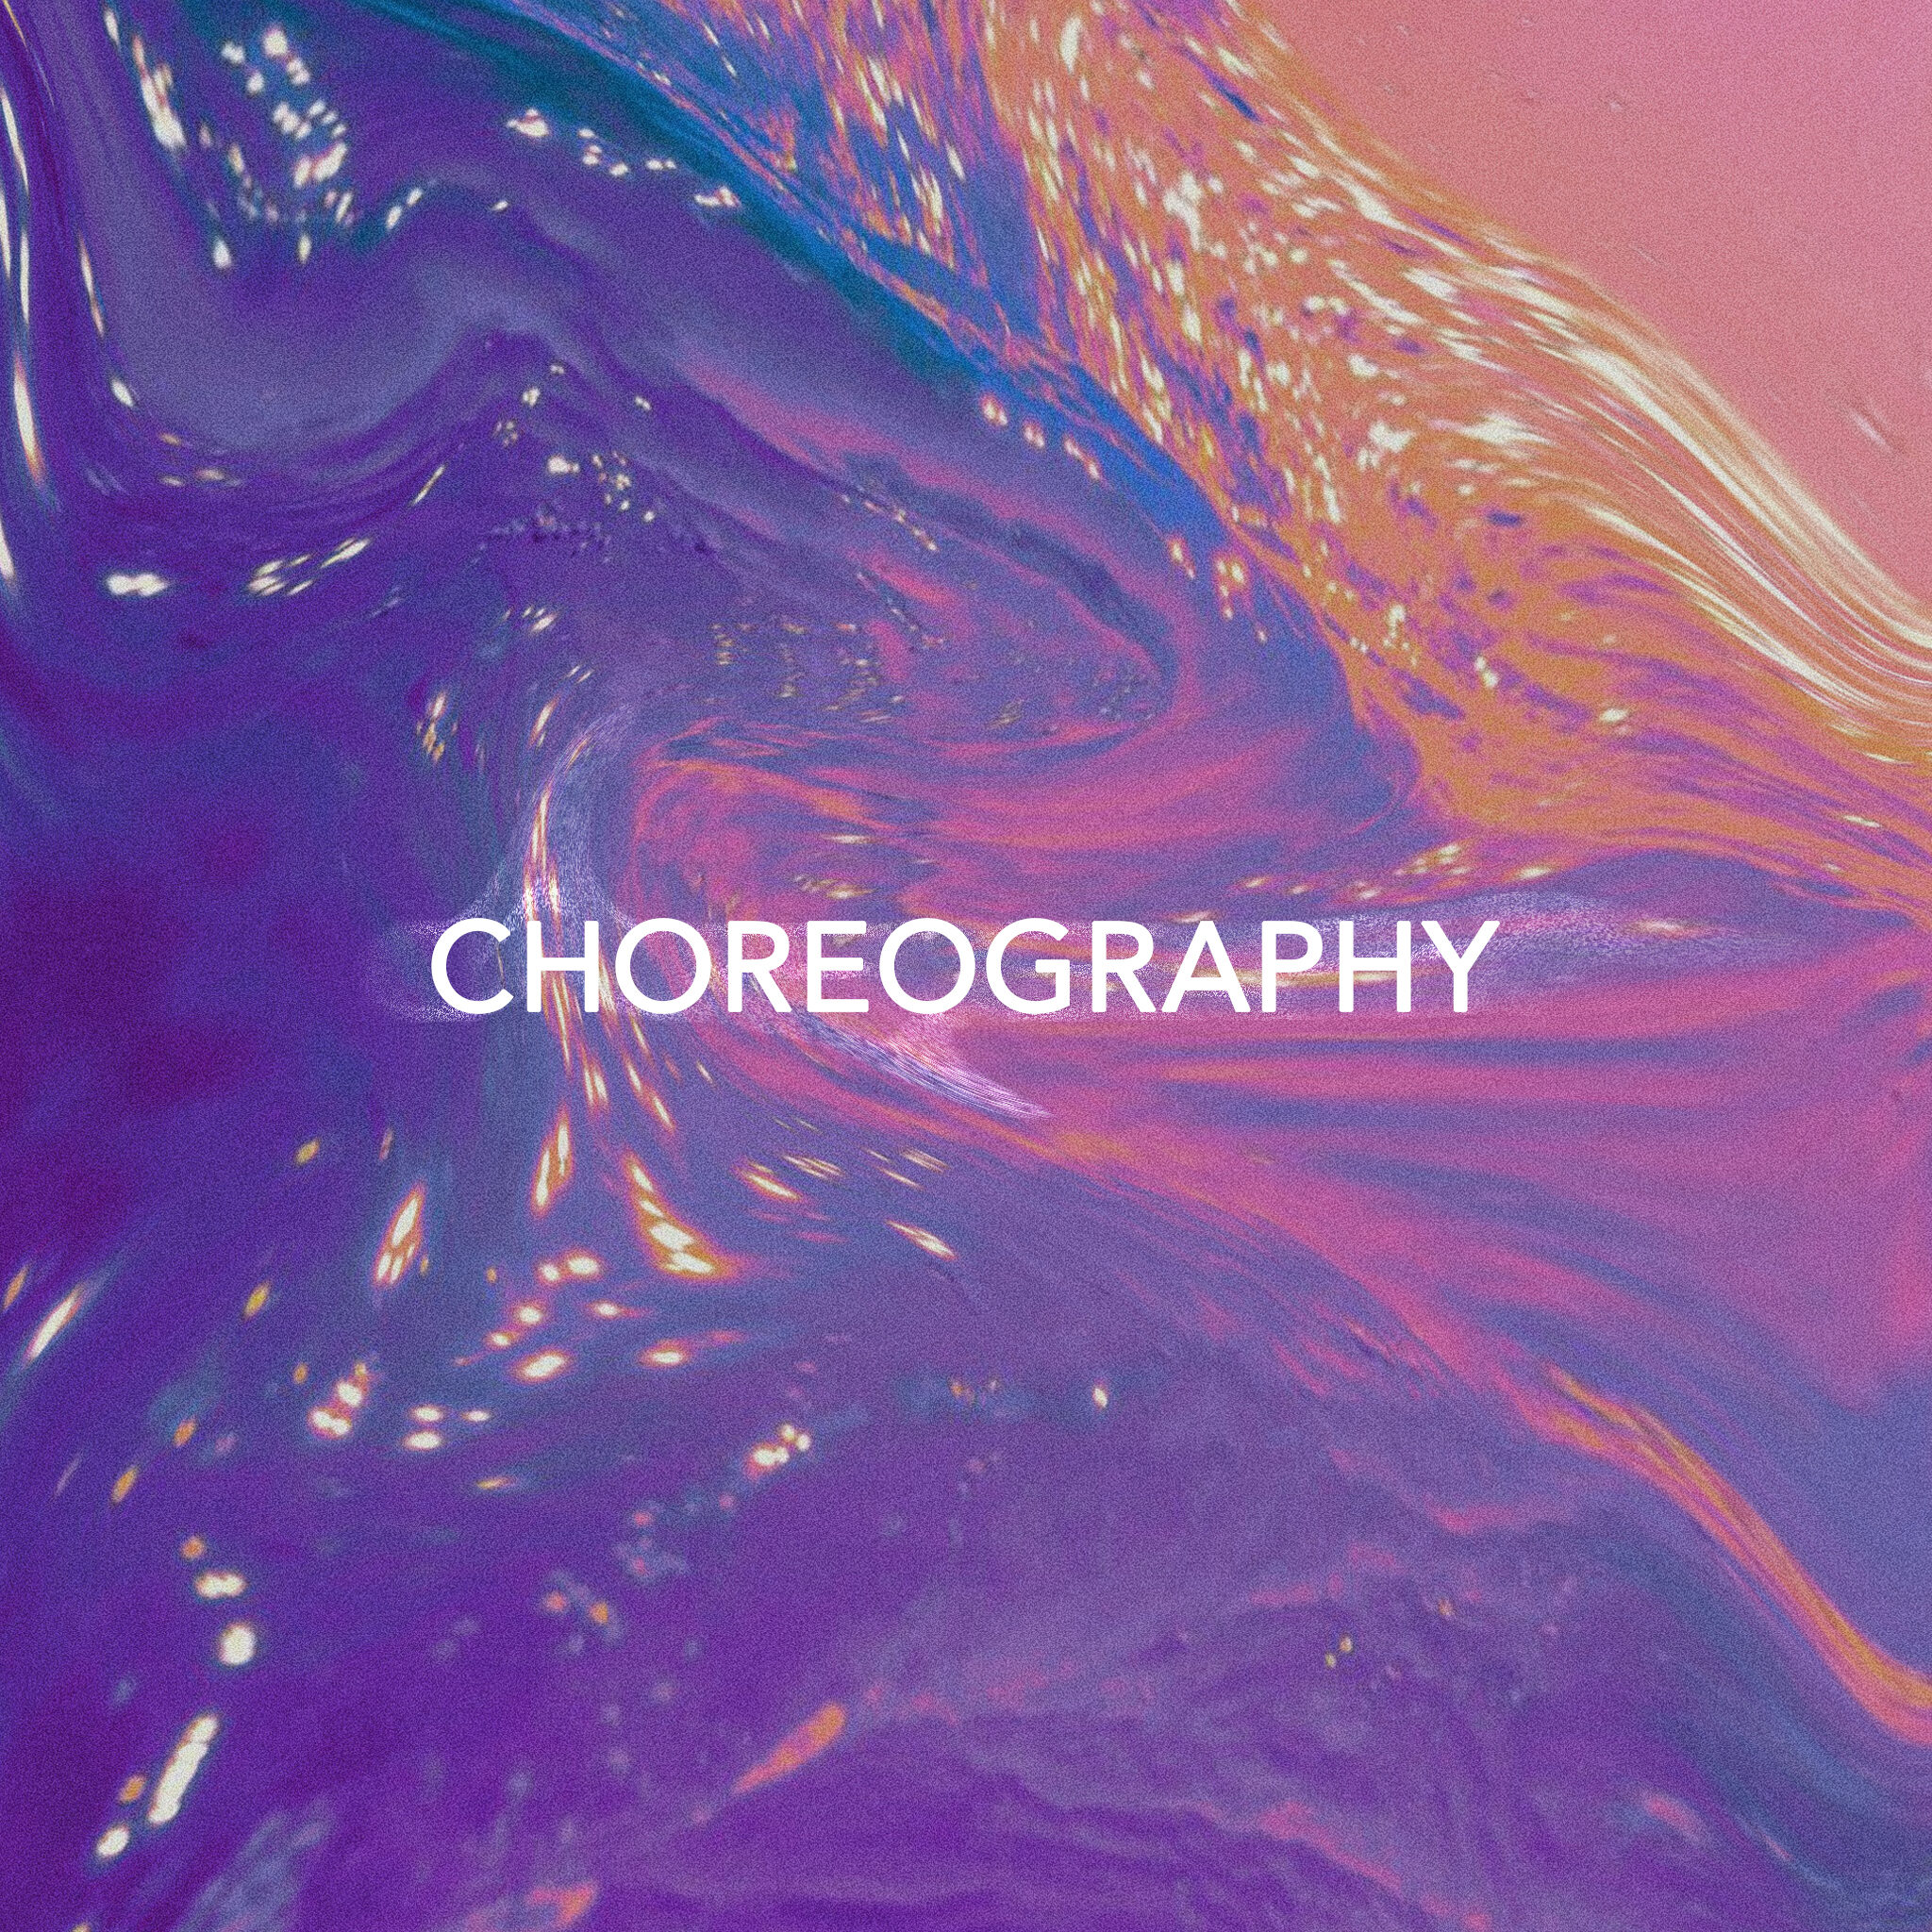 choreography artwork thatsfab